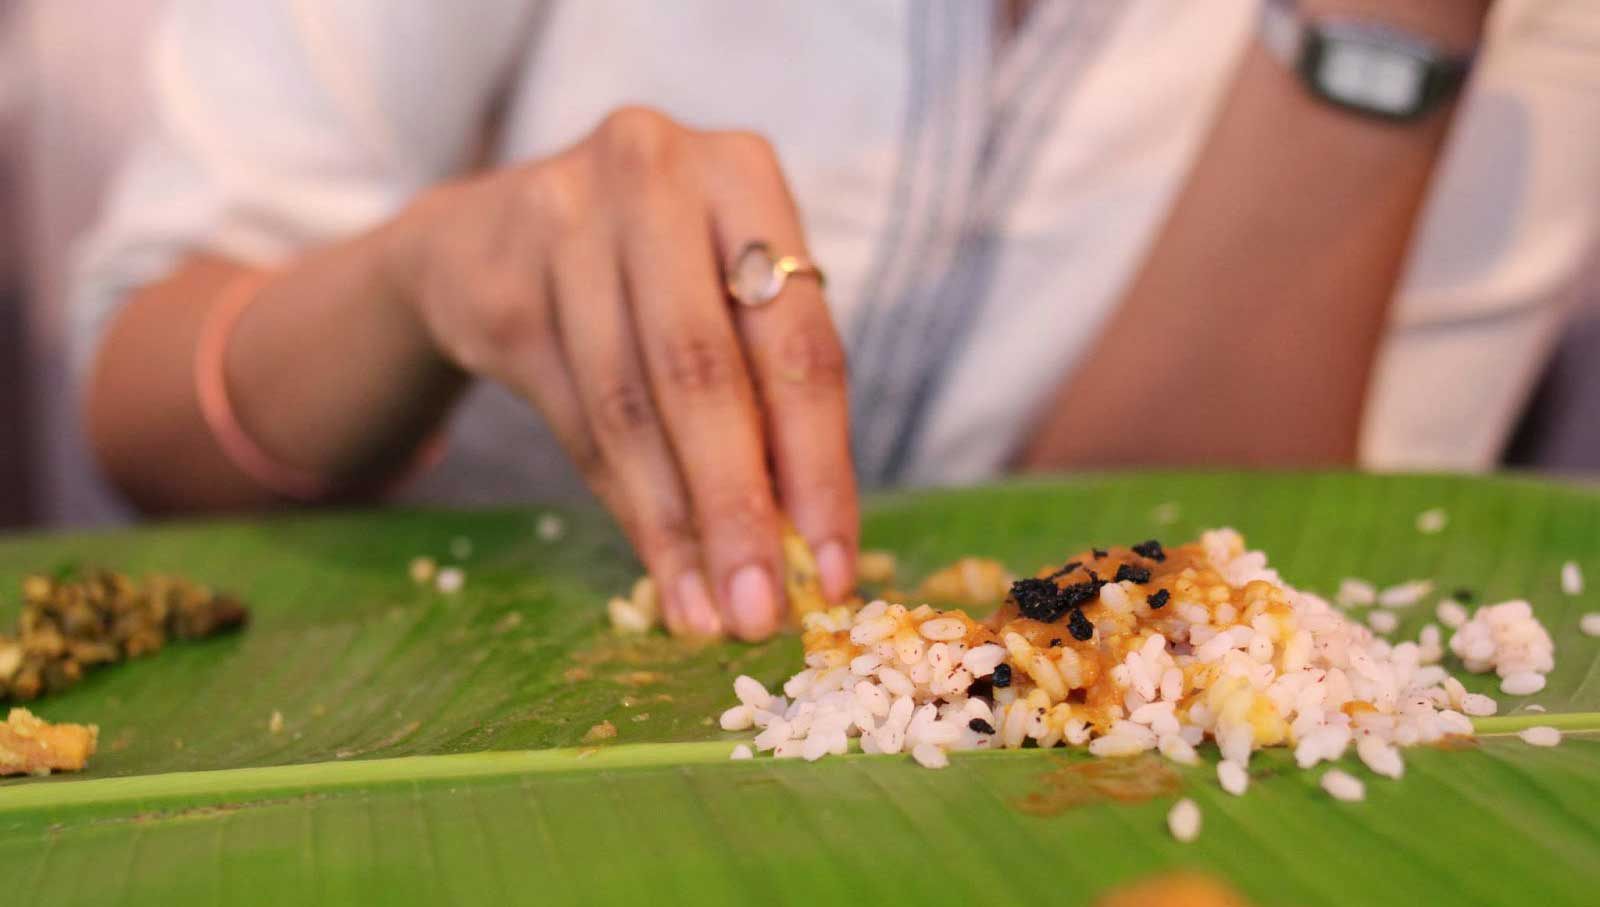 Avantages surprenants de manger avec vos mains